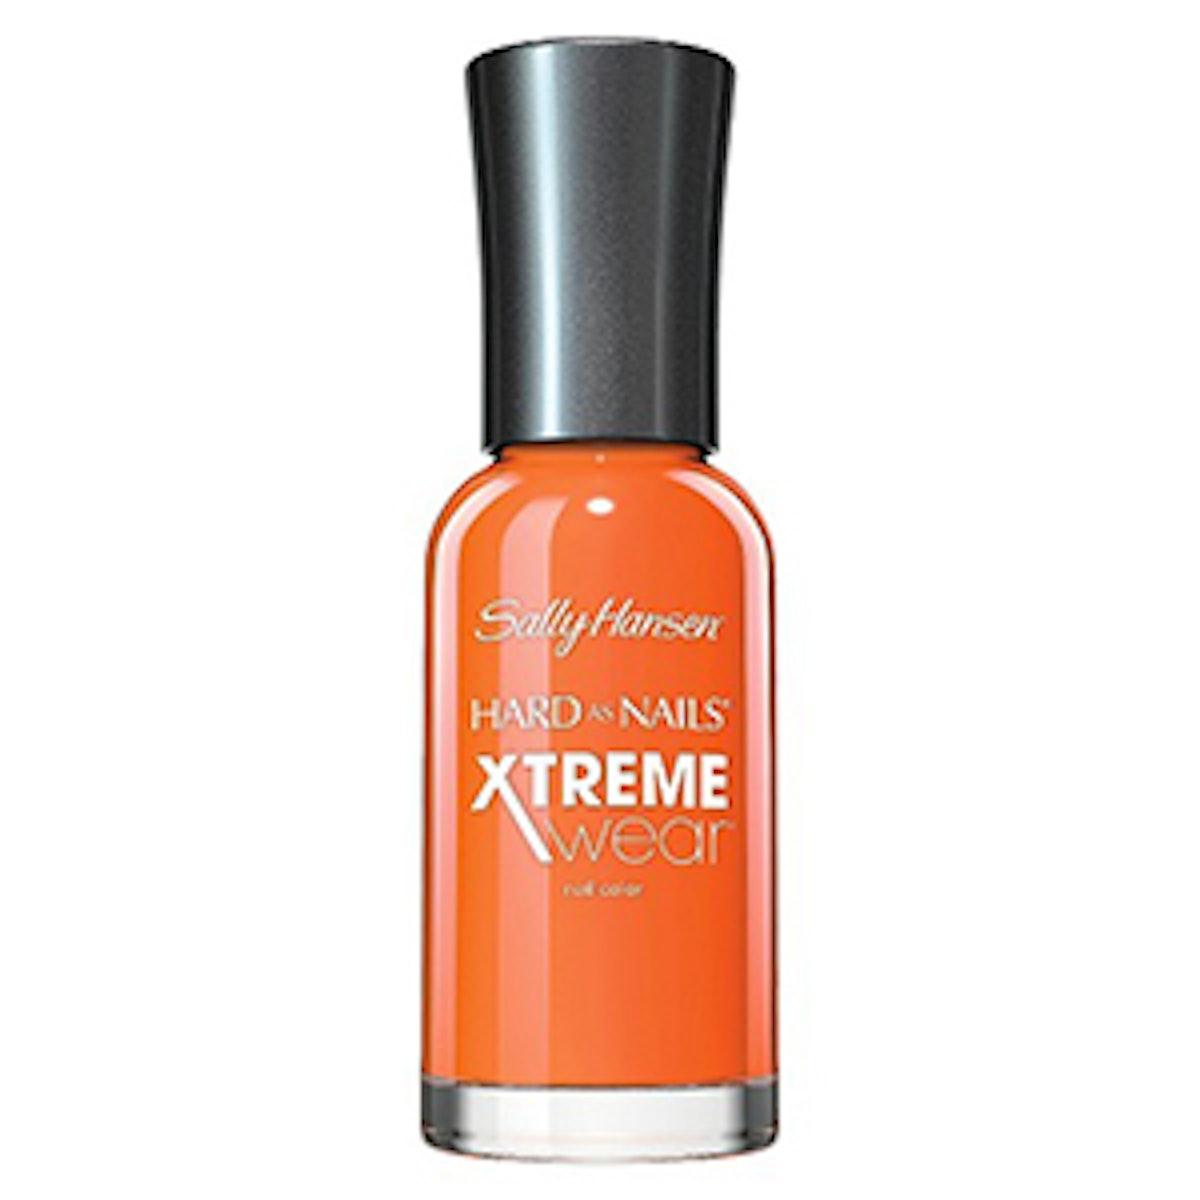 Xtreme Wear Nail Polish in Sun Kissed